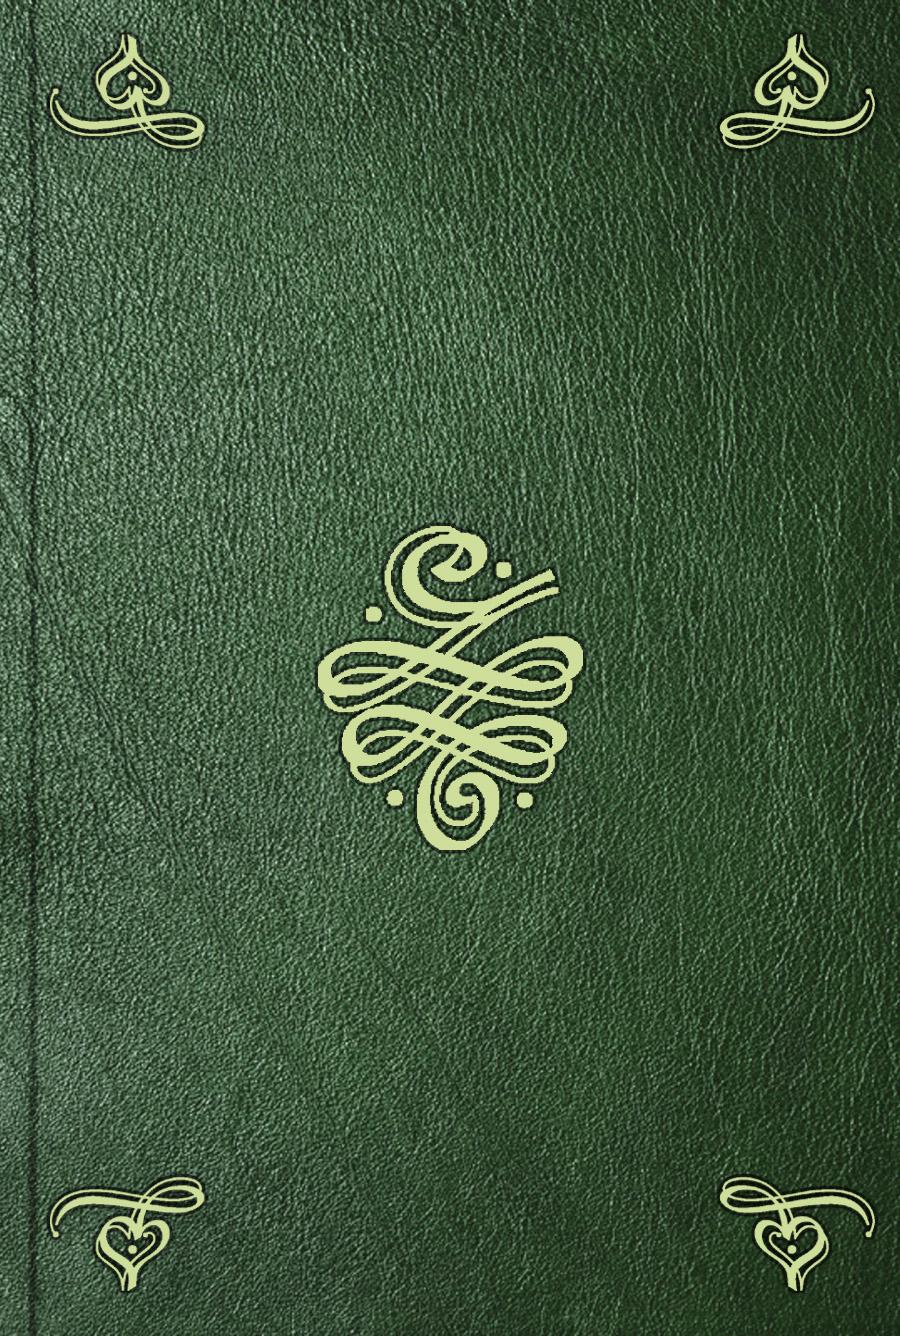 Susanne Curchod Necker Mélanges extraits des manuscrits. T. 1 ornementation des manuscrits au moyen age xiii siecle